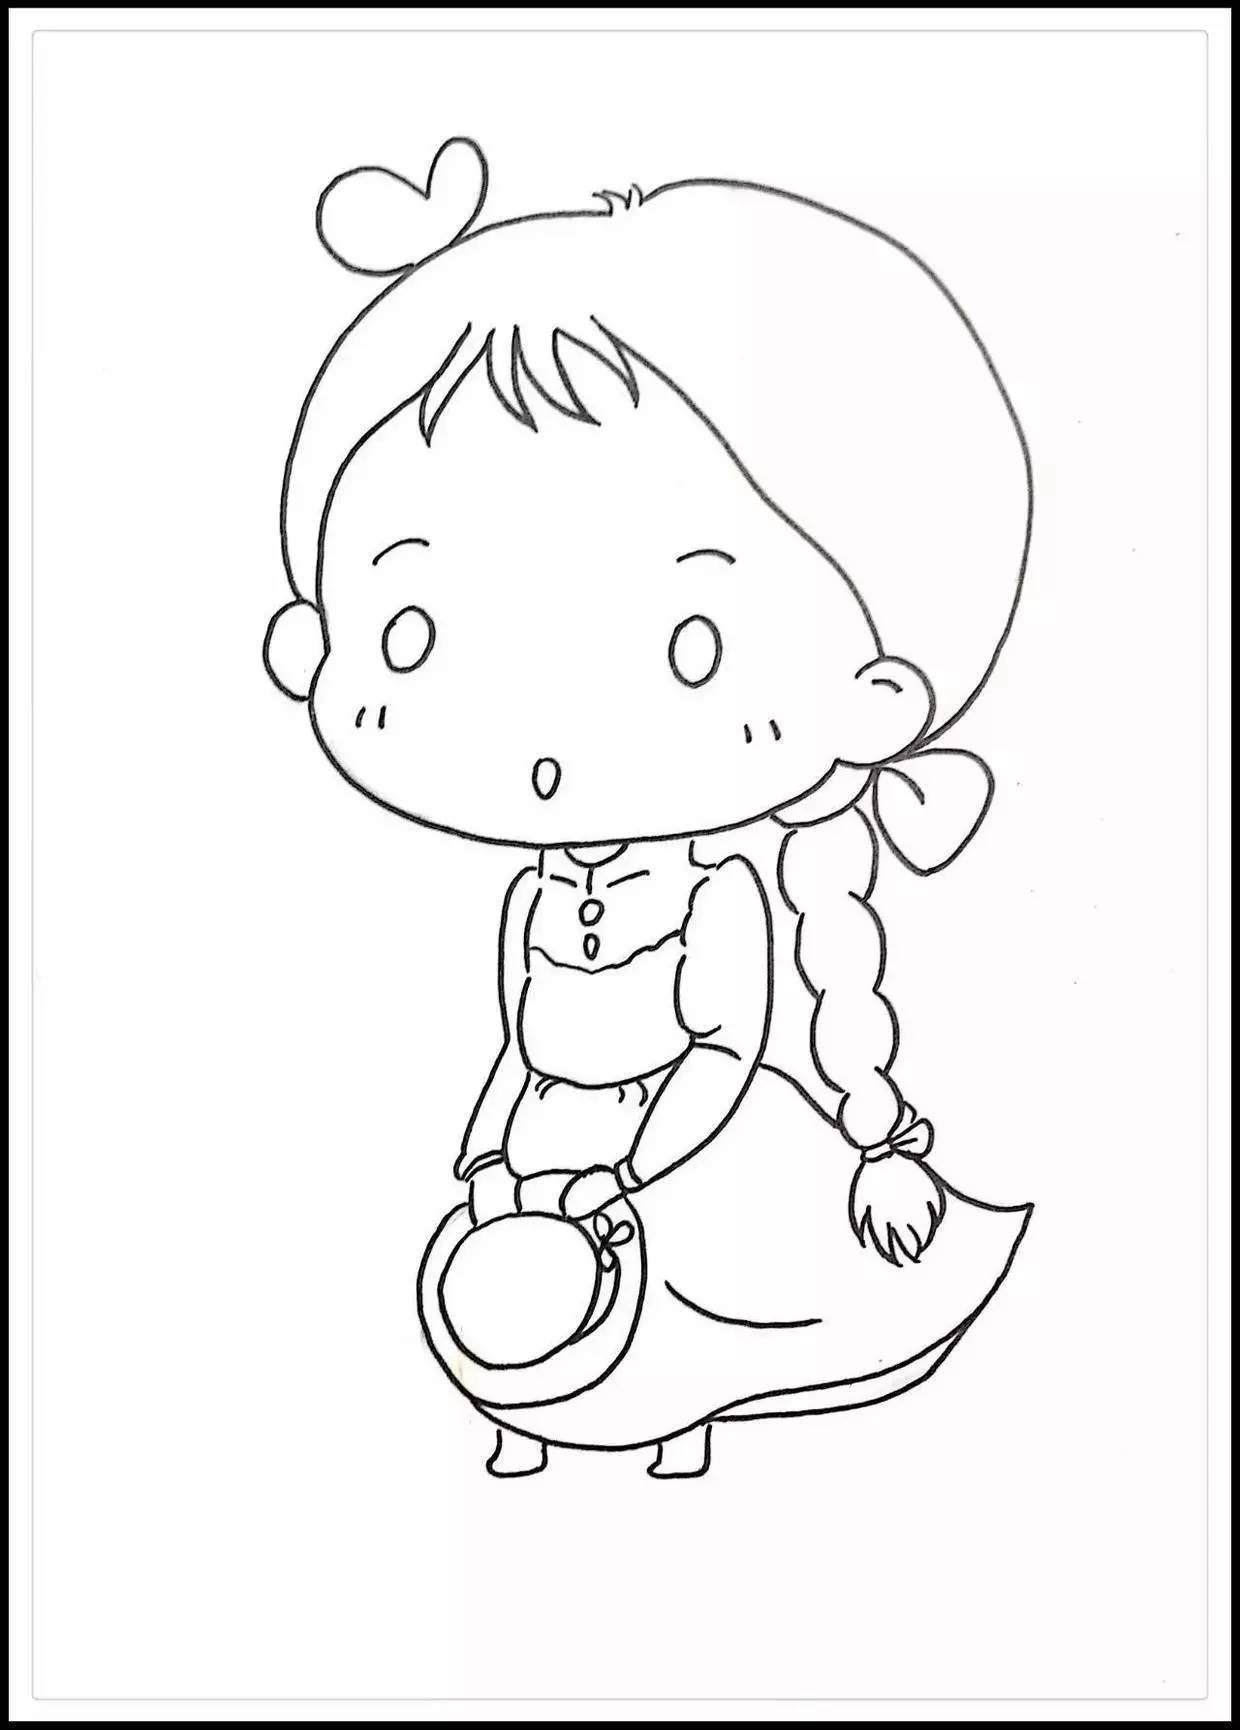 宫崎骏王国 动漫人物q版苏菲卡通简笔画